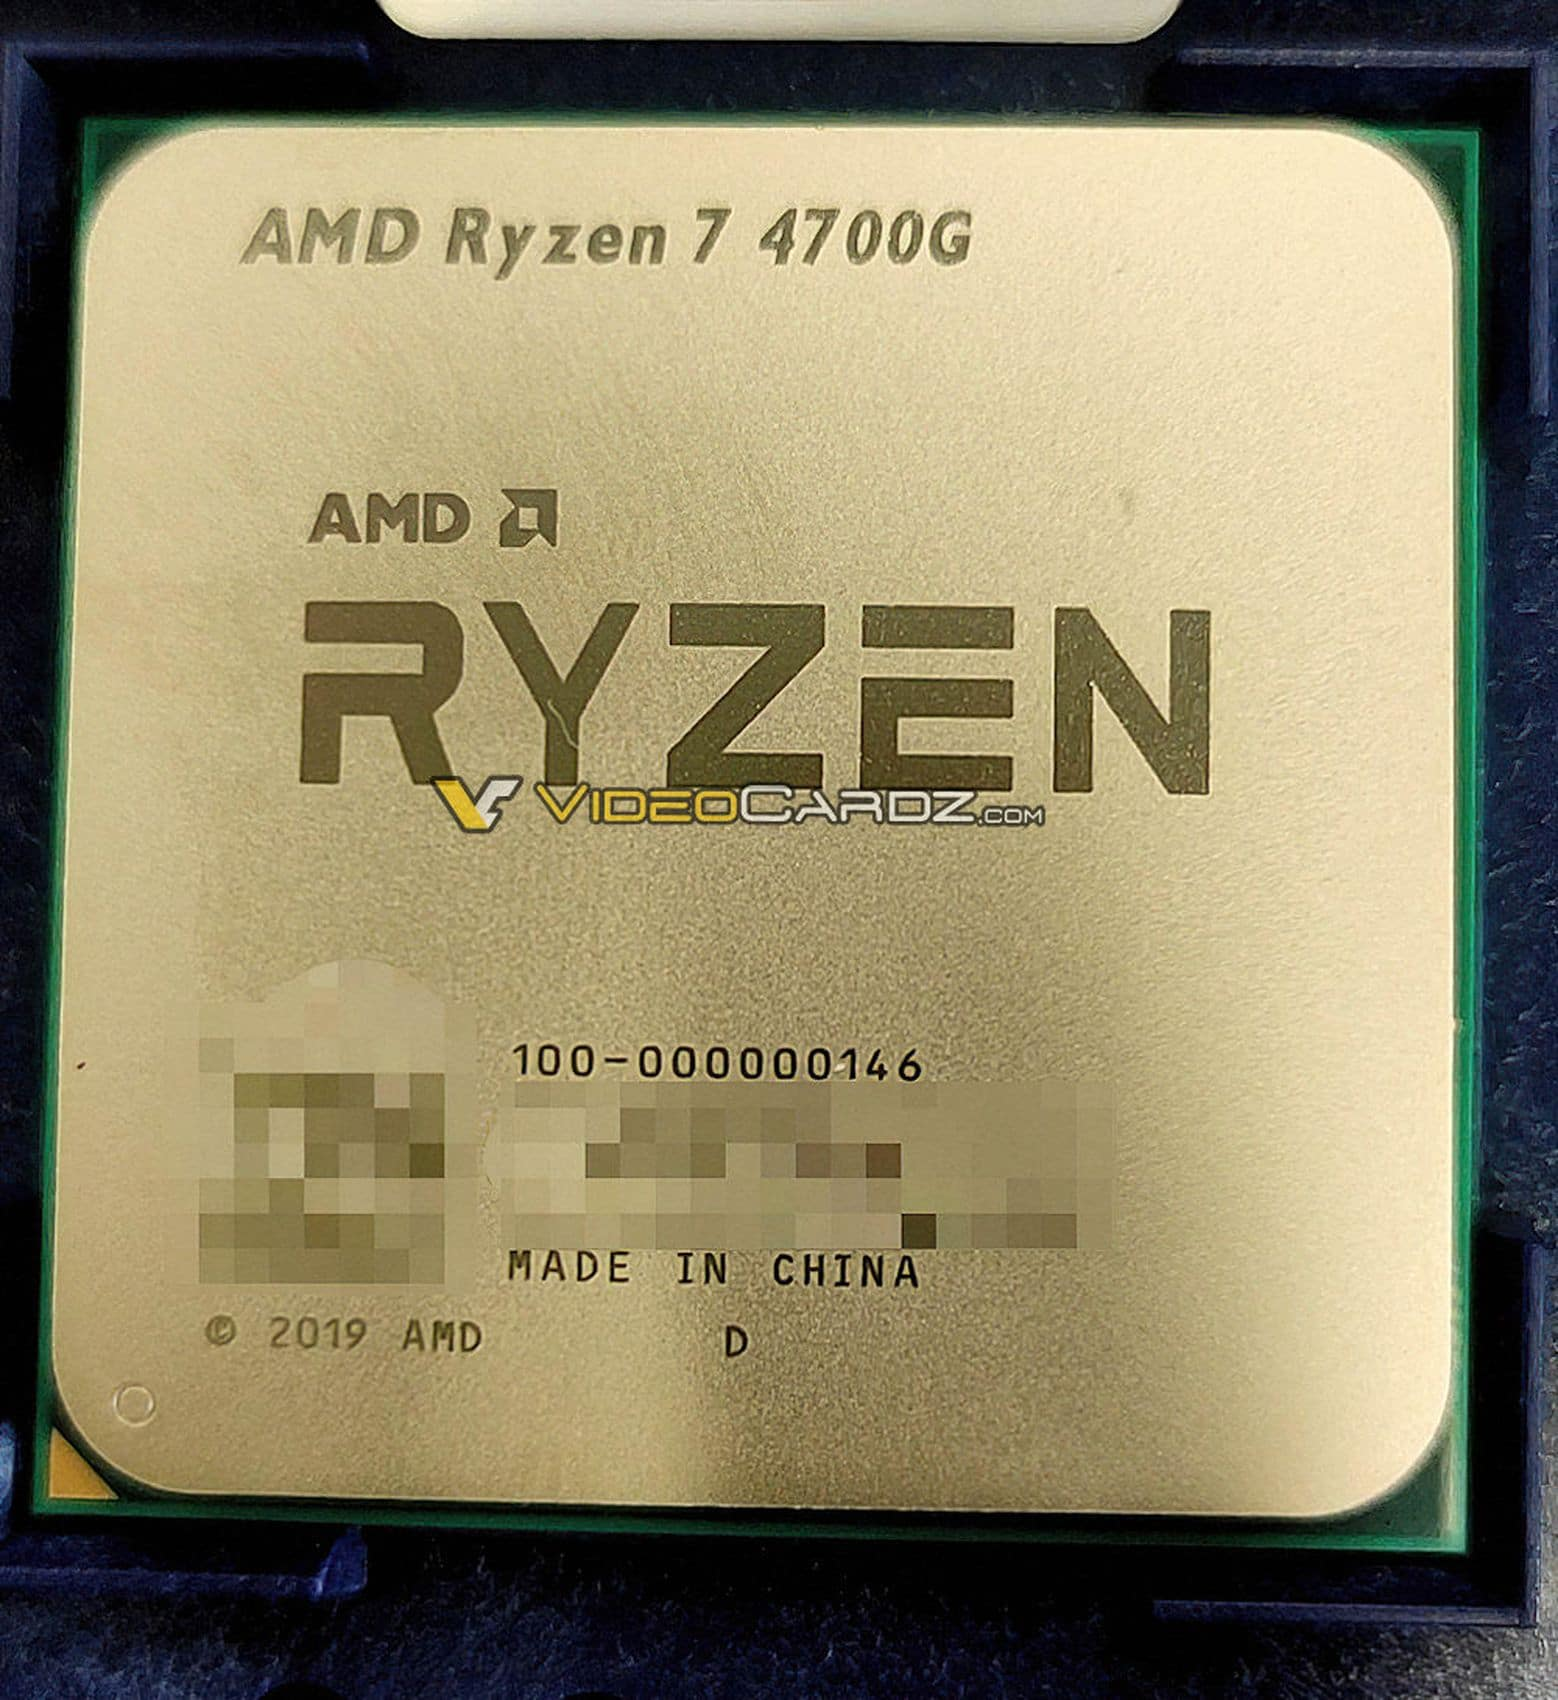 APU AMD Ryzen 7 4700G